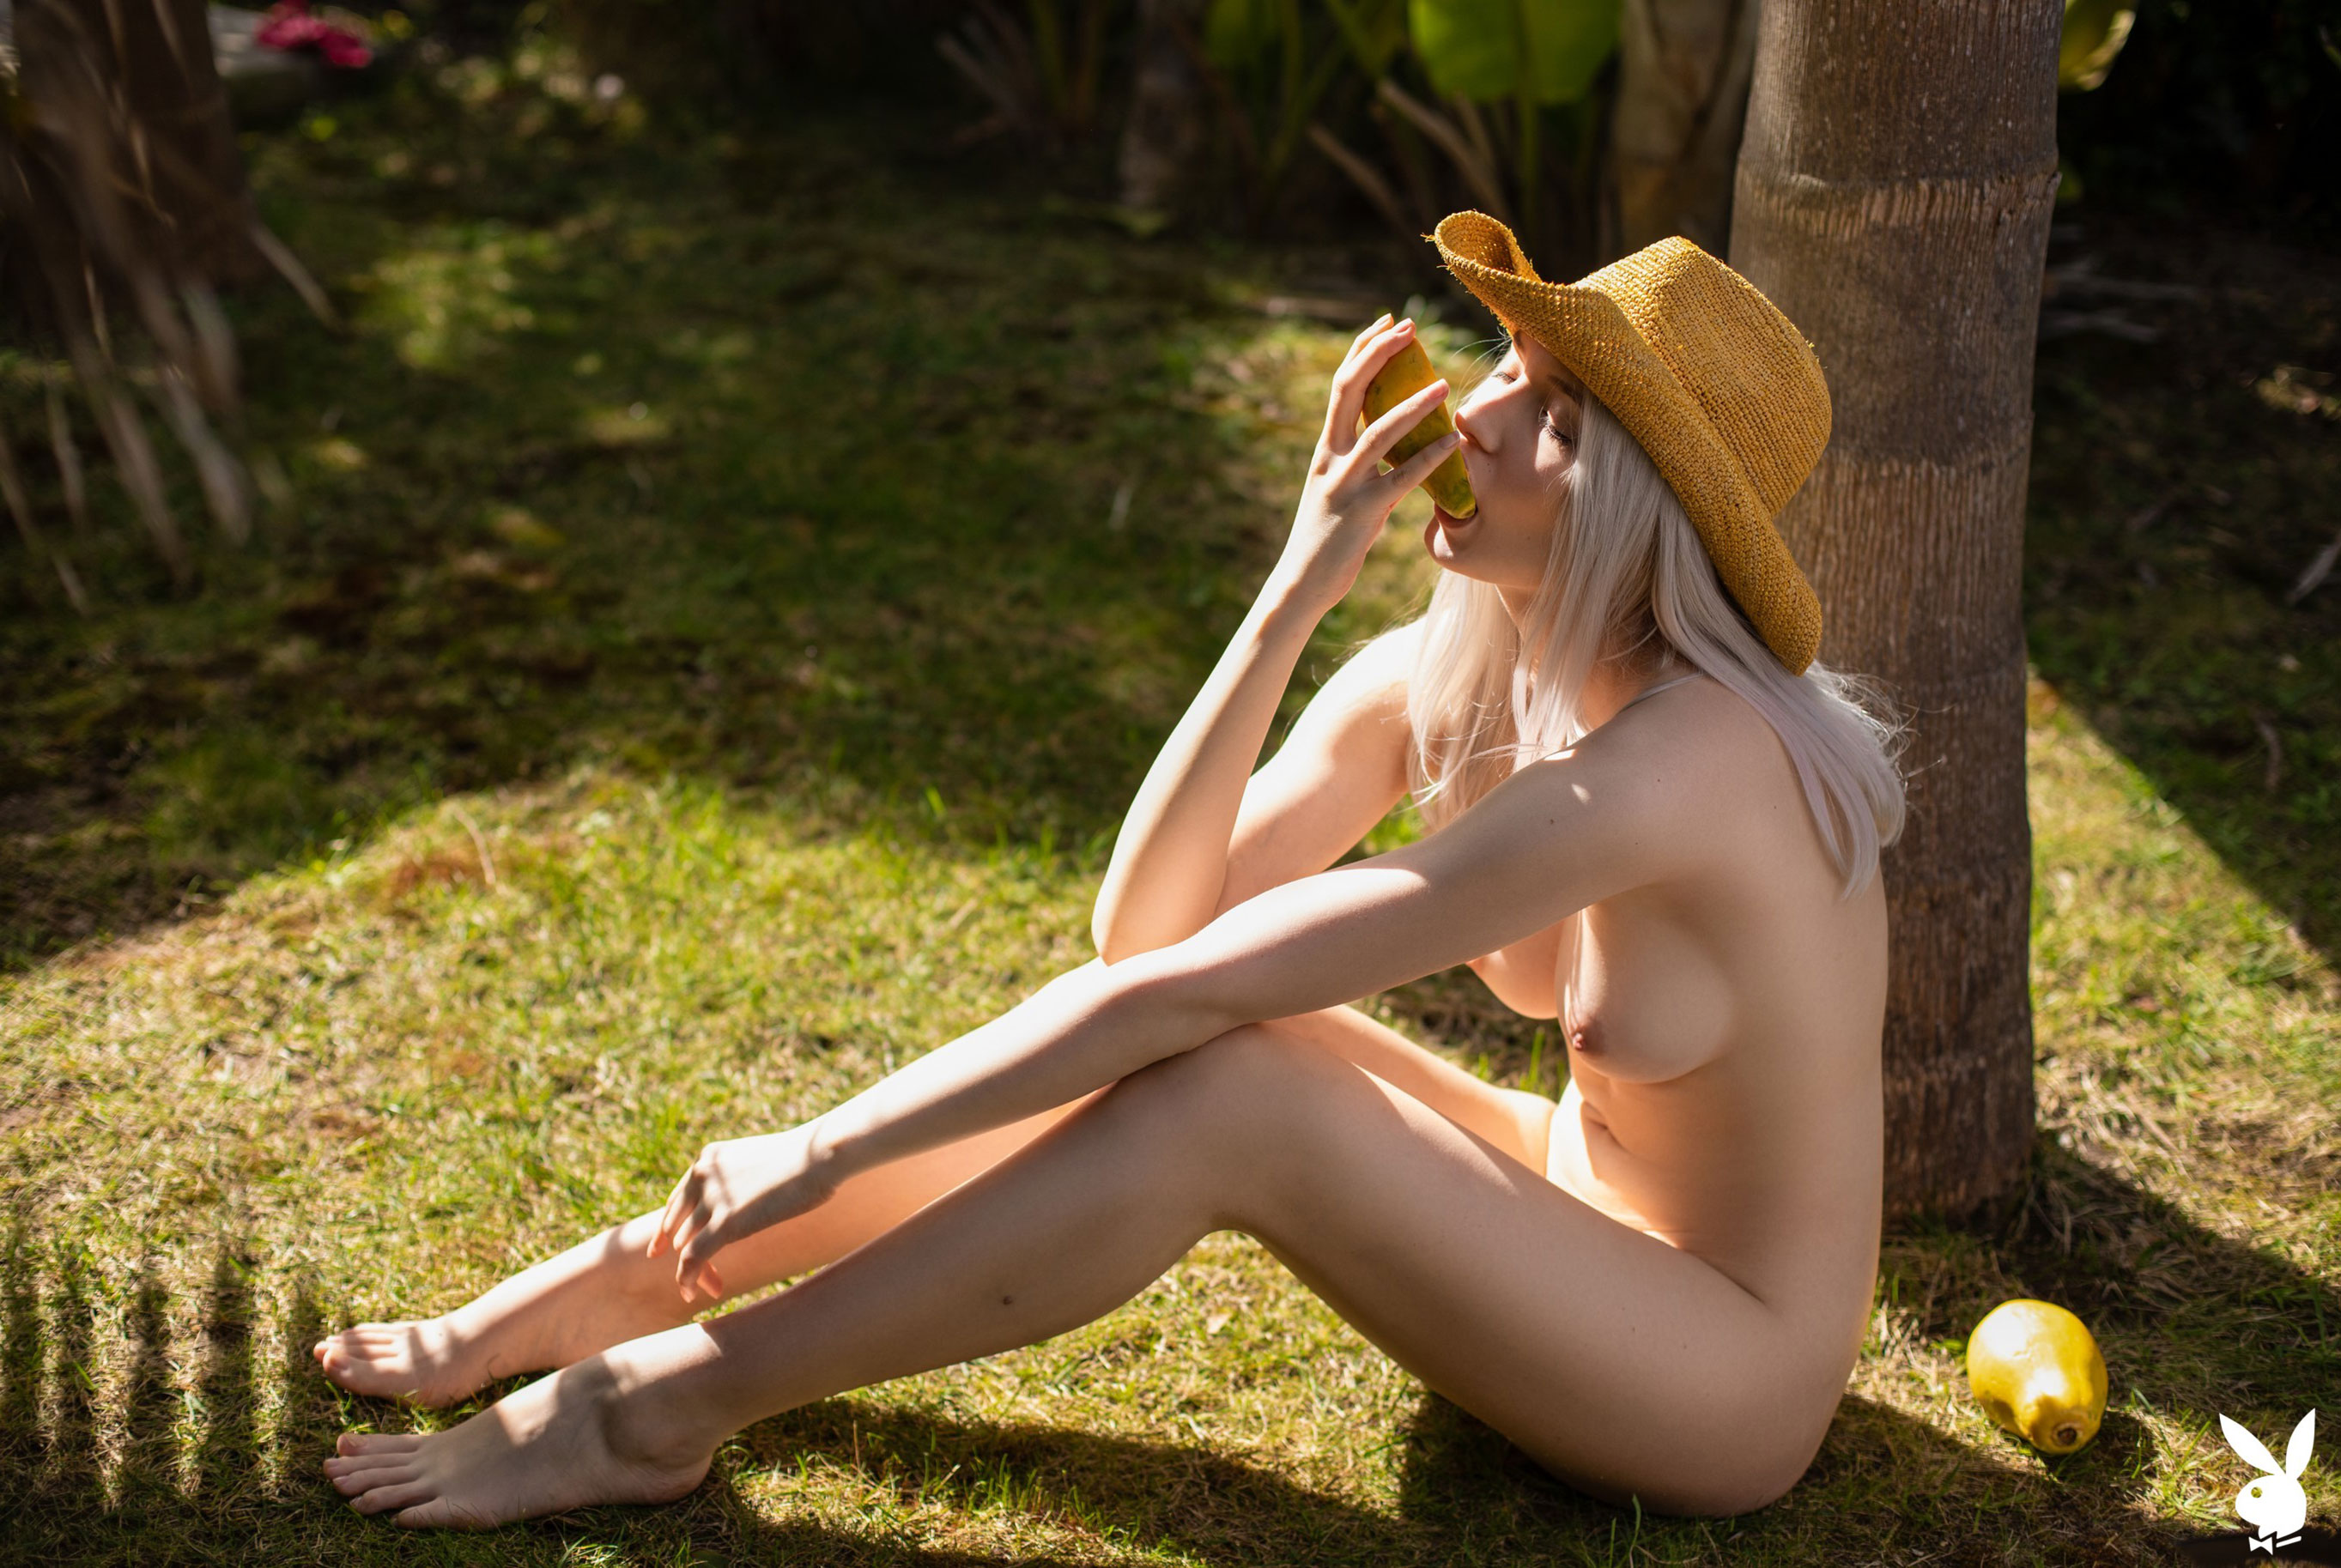 Сексуальная и голая Моника Васп в окружении тропических растений / фото 20